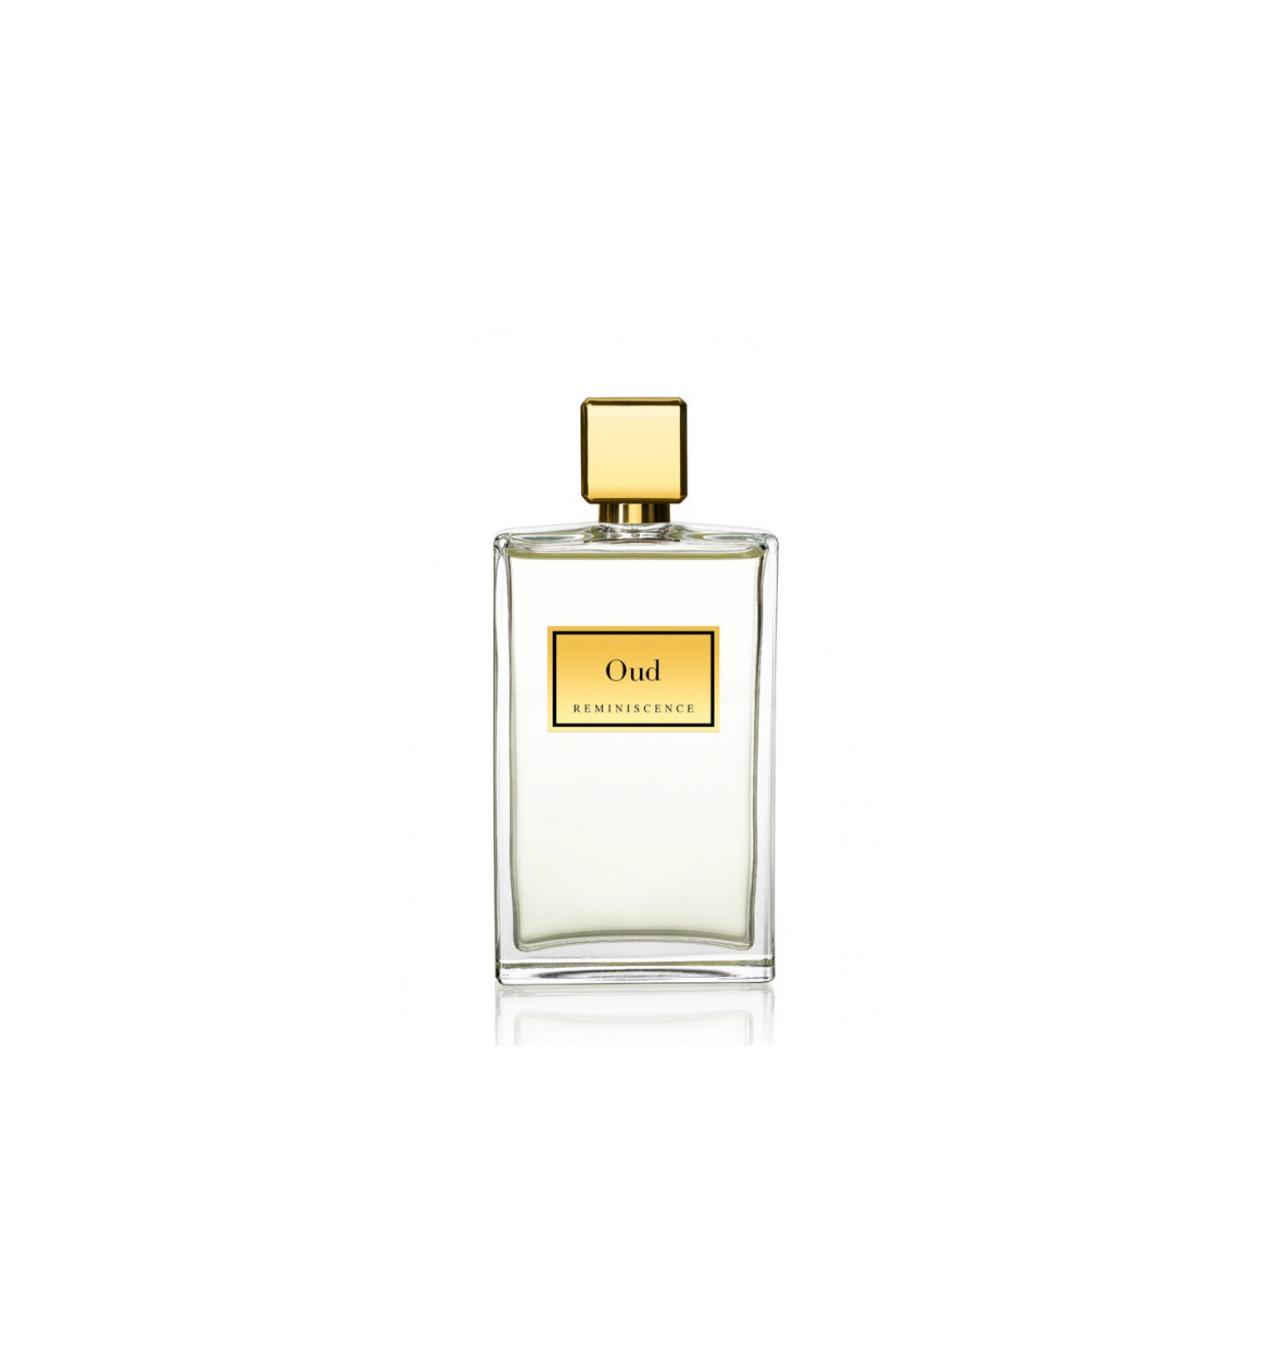 eau de parfum-oud-vaporisateur-100ml-bijoux totem